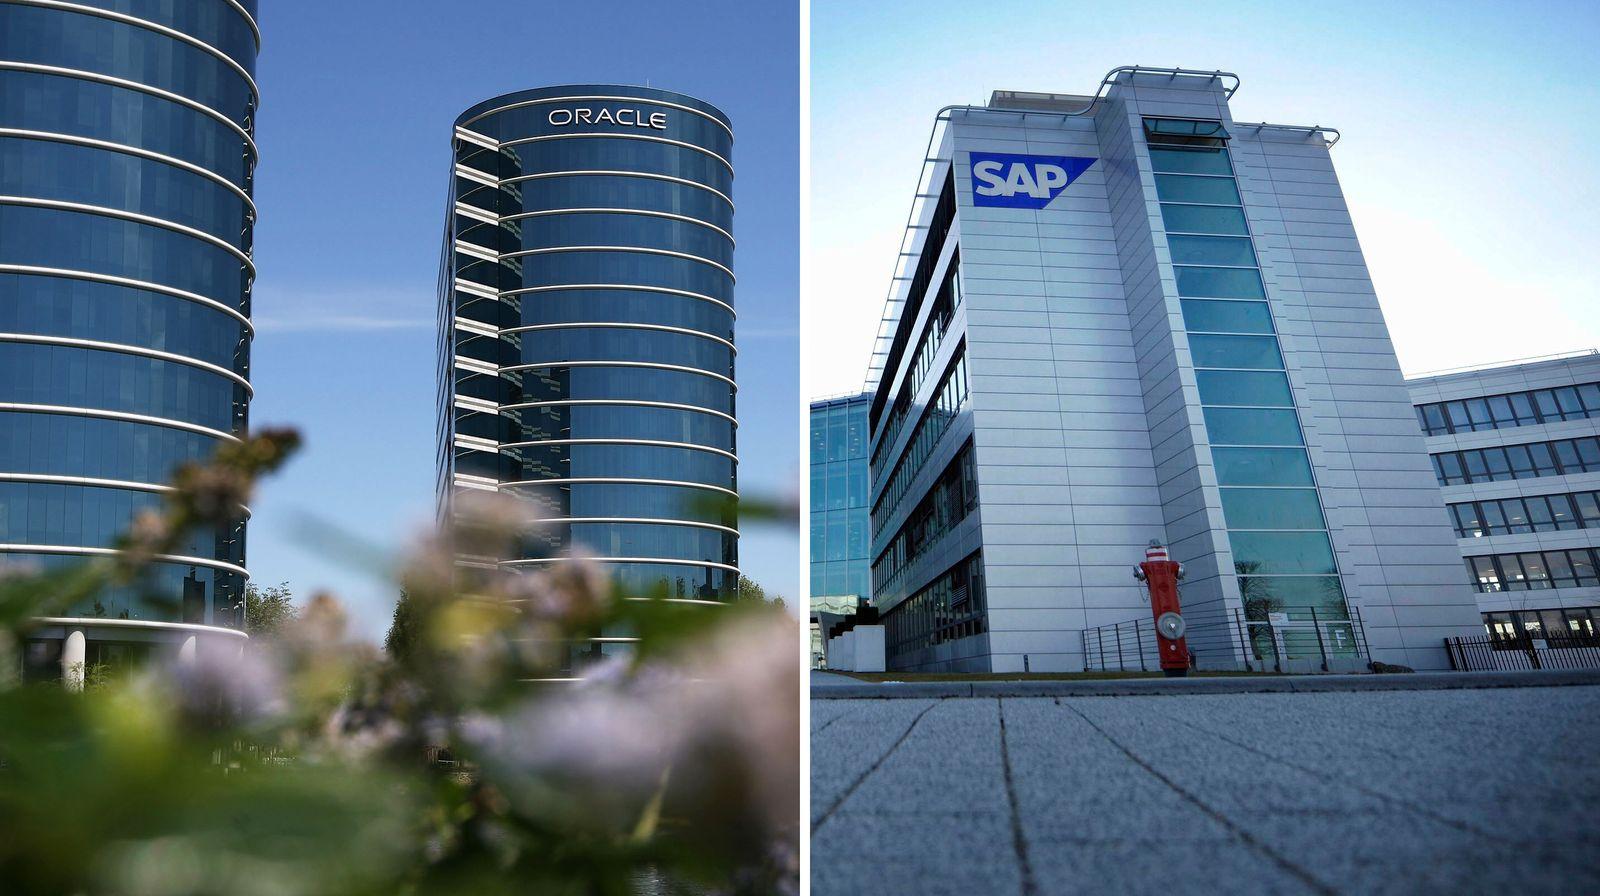 NICHT VERWENDEN KOMBO aus Oracle und SAP / Hauptsitze / Gebäude